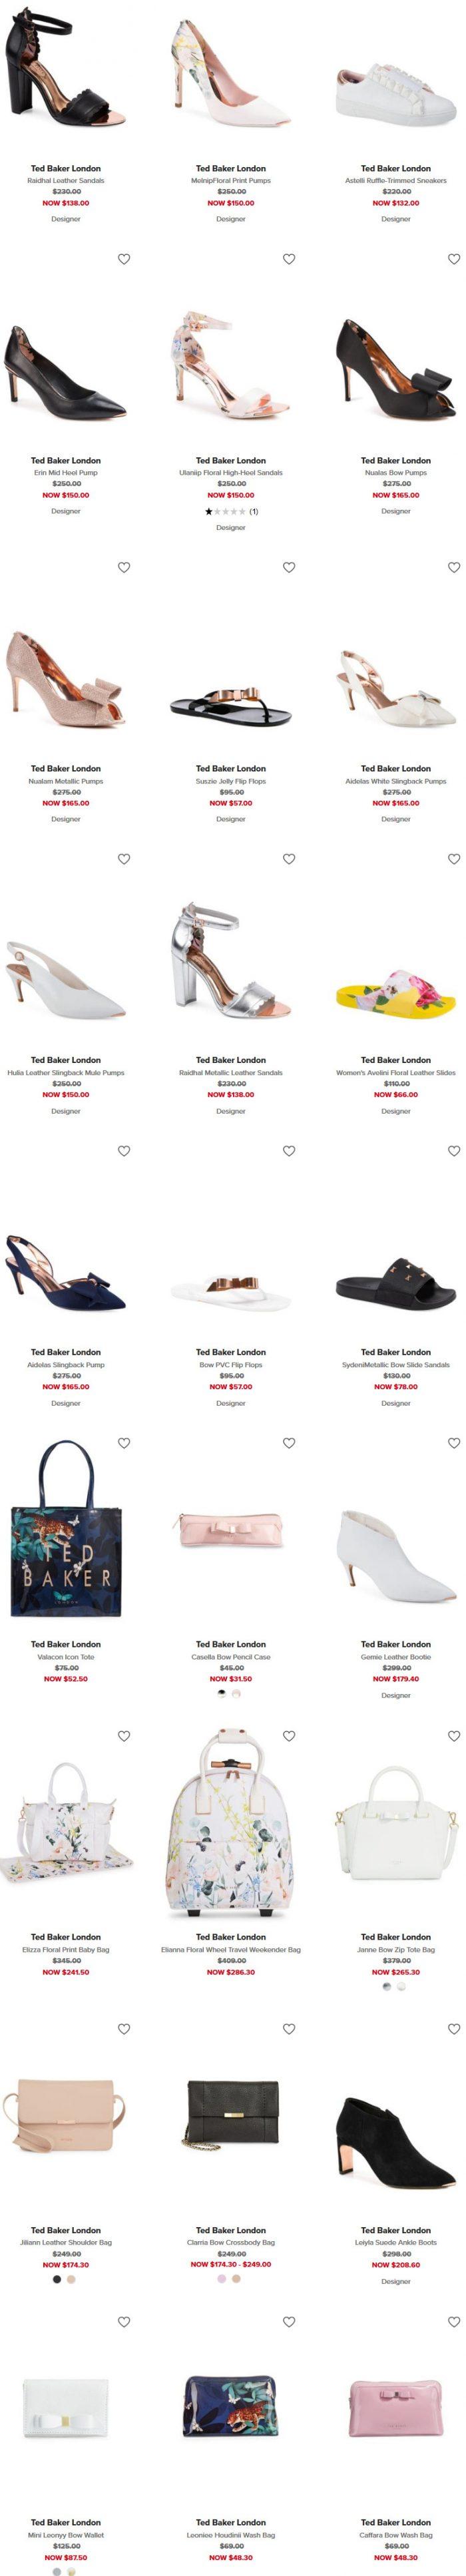 Ted Baker London 少女心十足蝴蝶凉鞋、高跟鞋 、美包 6折优惠!